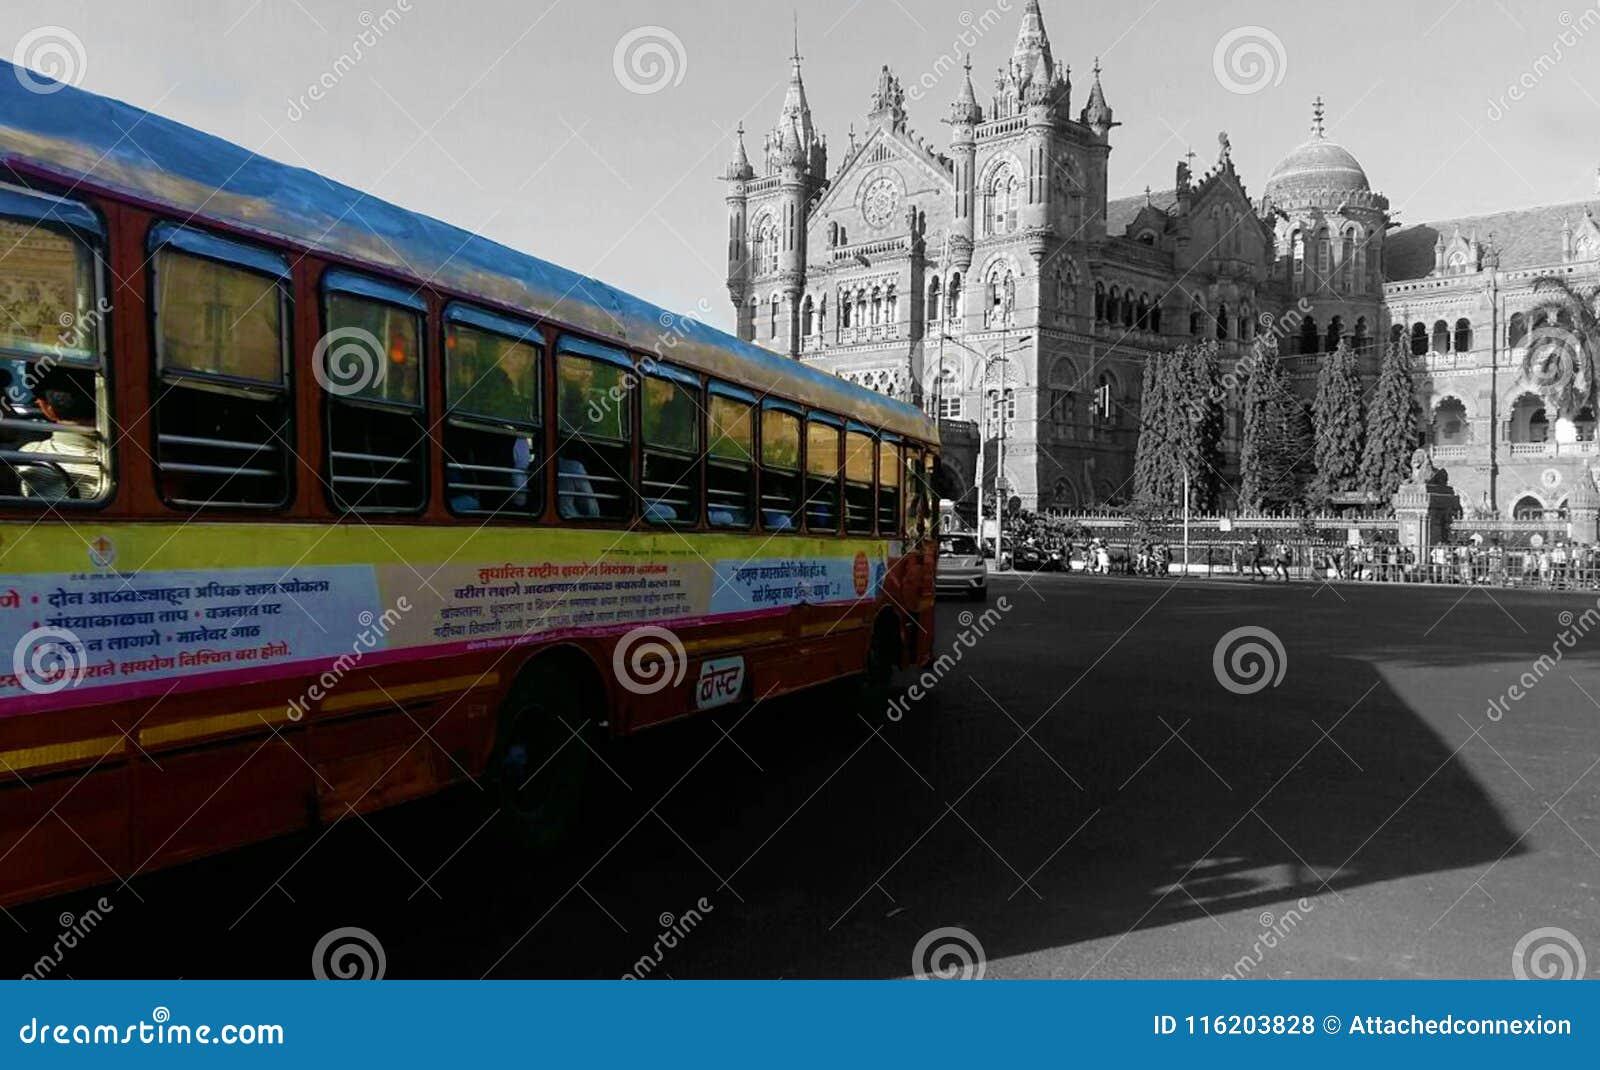 贾特拉帕蒂・希瓦吉终点站CST是联合国科教文组织世界遗产名录站点和一个历史的火车站在孟买,印度